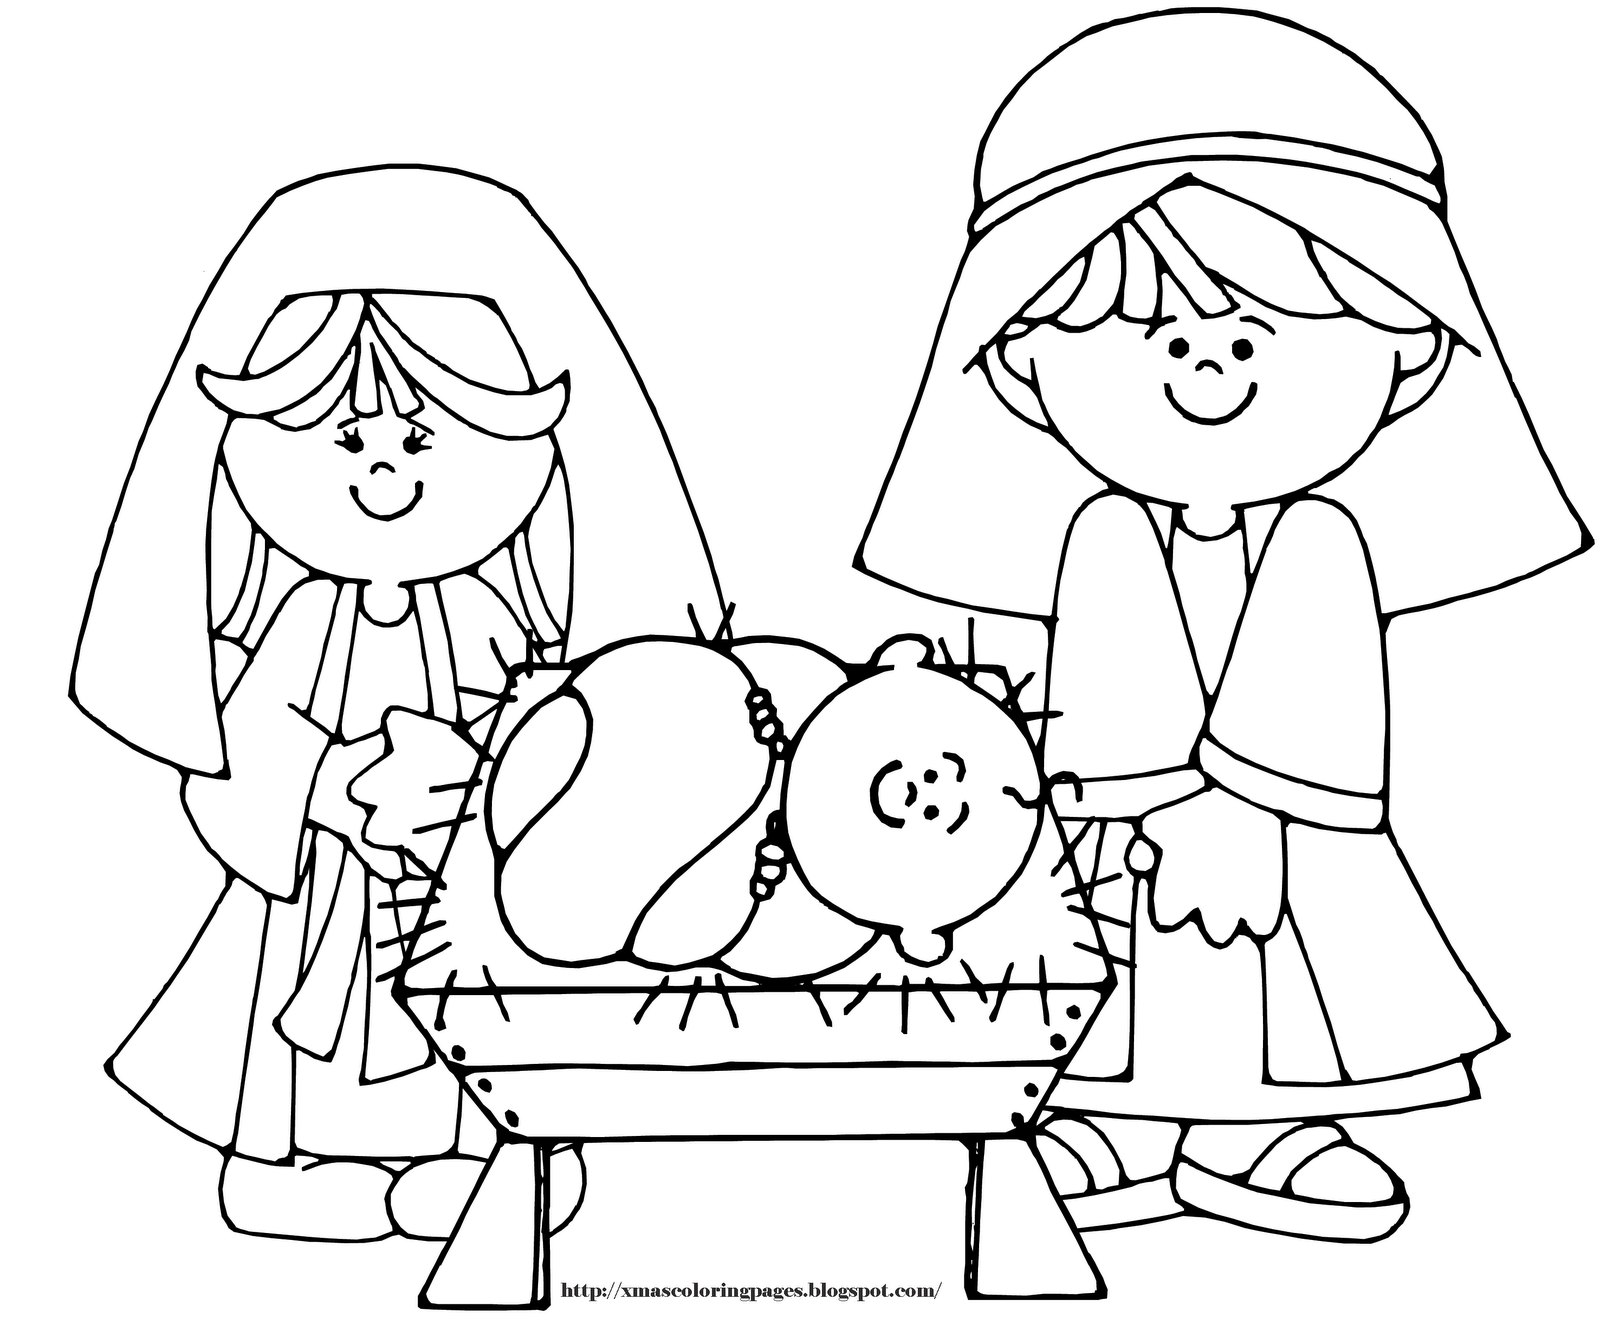 baby jesus coloring sheet baby jesus in manger coloring page get coloring pages coloring jesus sheet baby